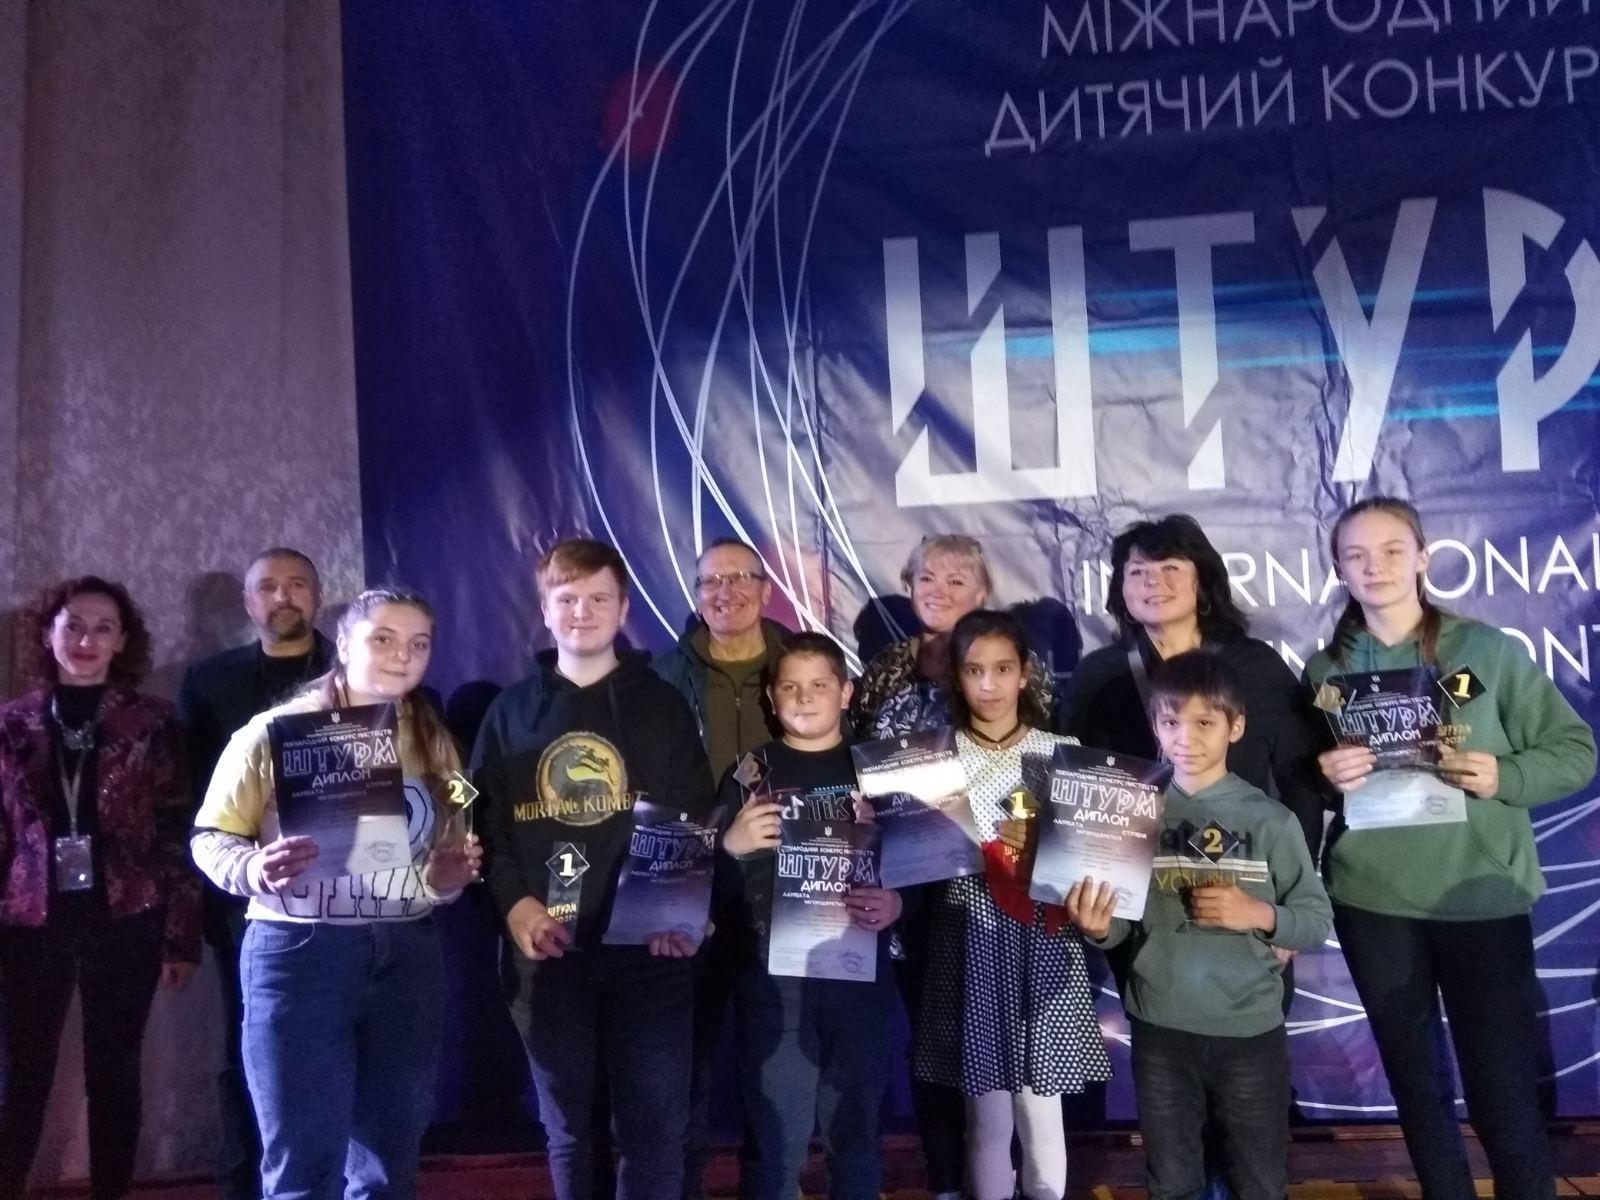 Міжнародний дитячий конкурс мистецтв «Штурм»